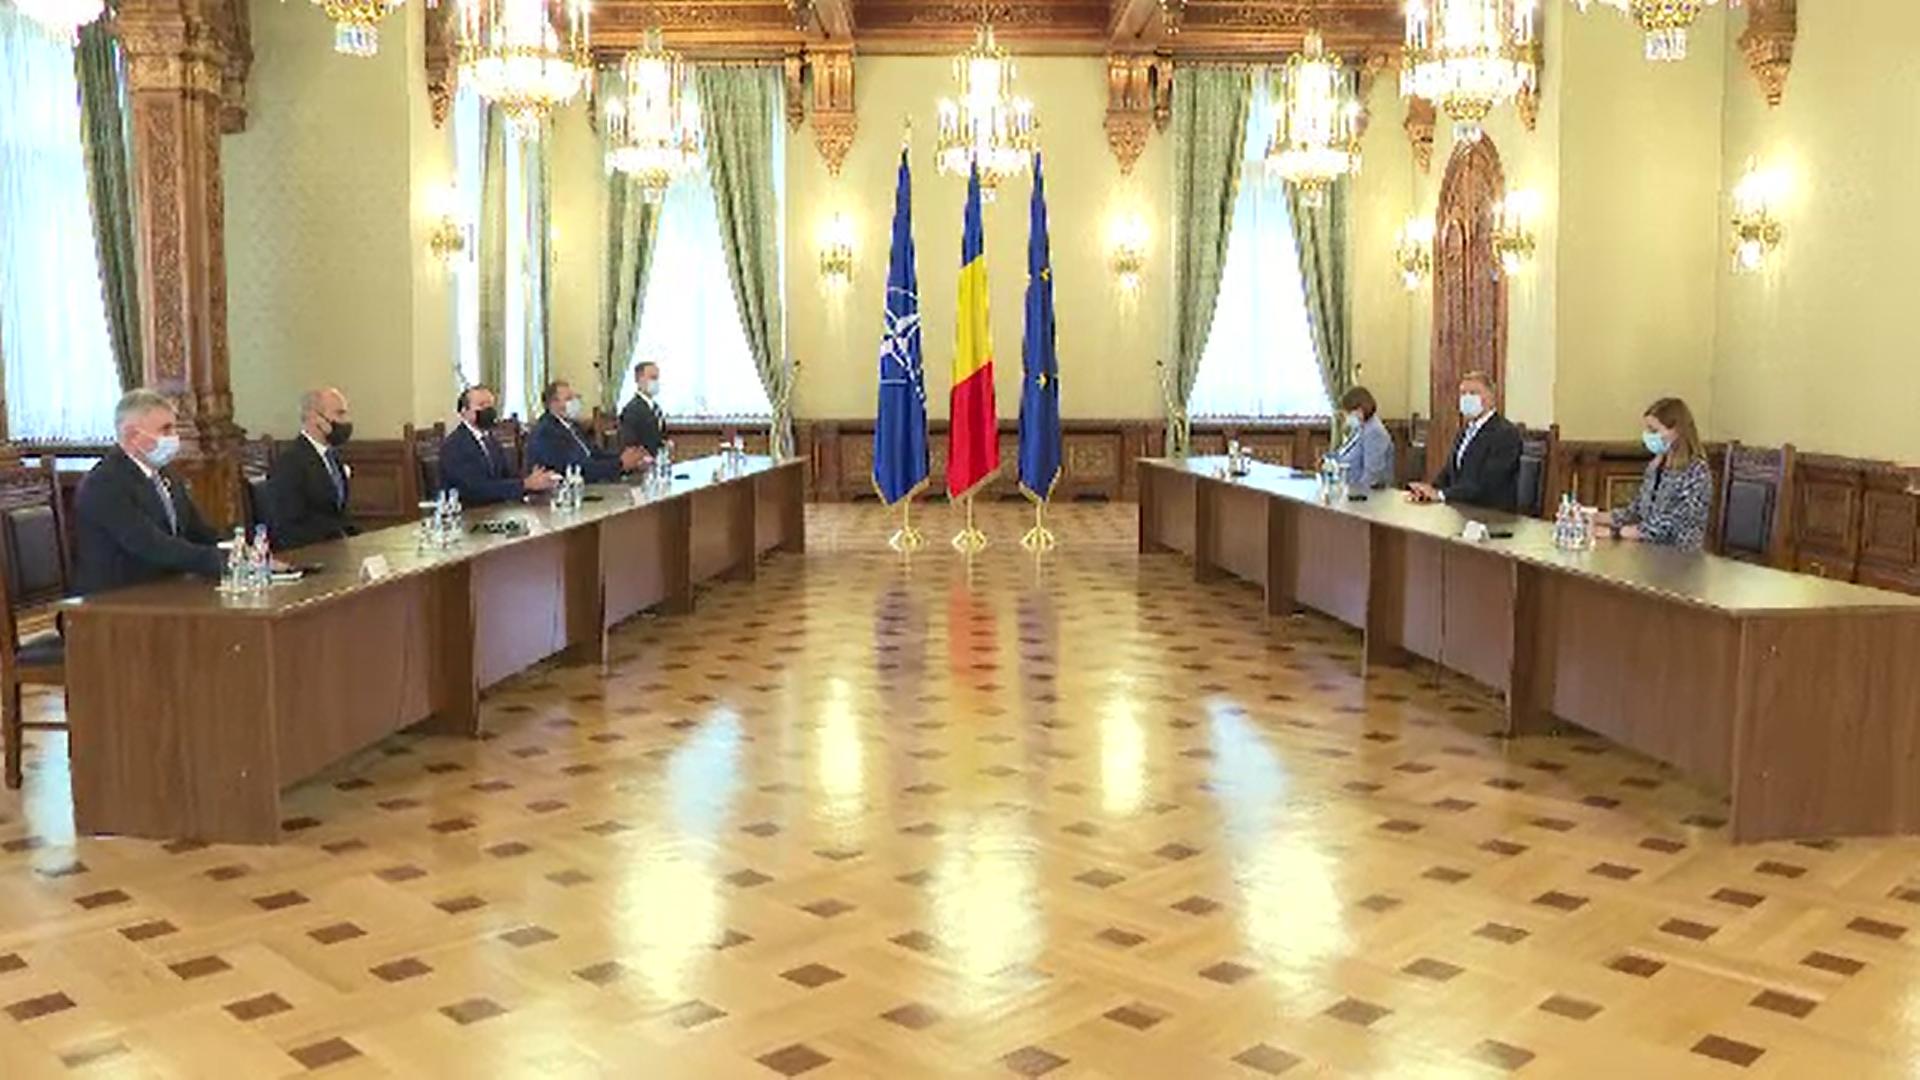 Tensiunile dintre USR și PNL rămân la cote înalte. Cioloș vrea să meargă în Parlament cu un guvern monocolor USR